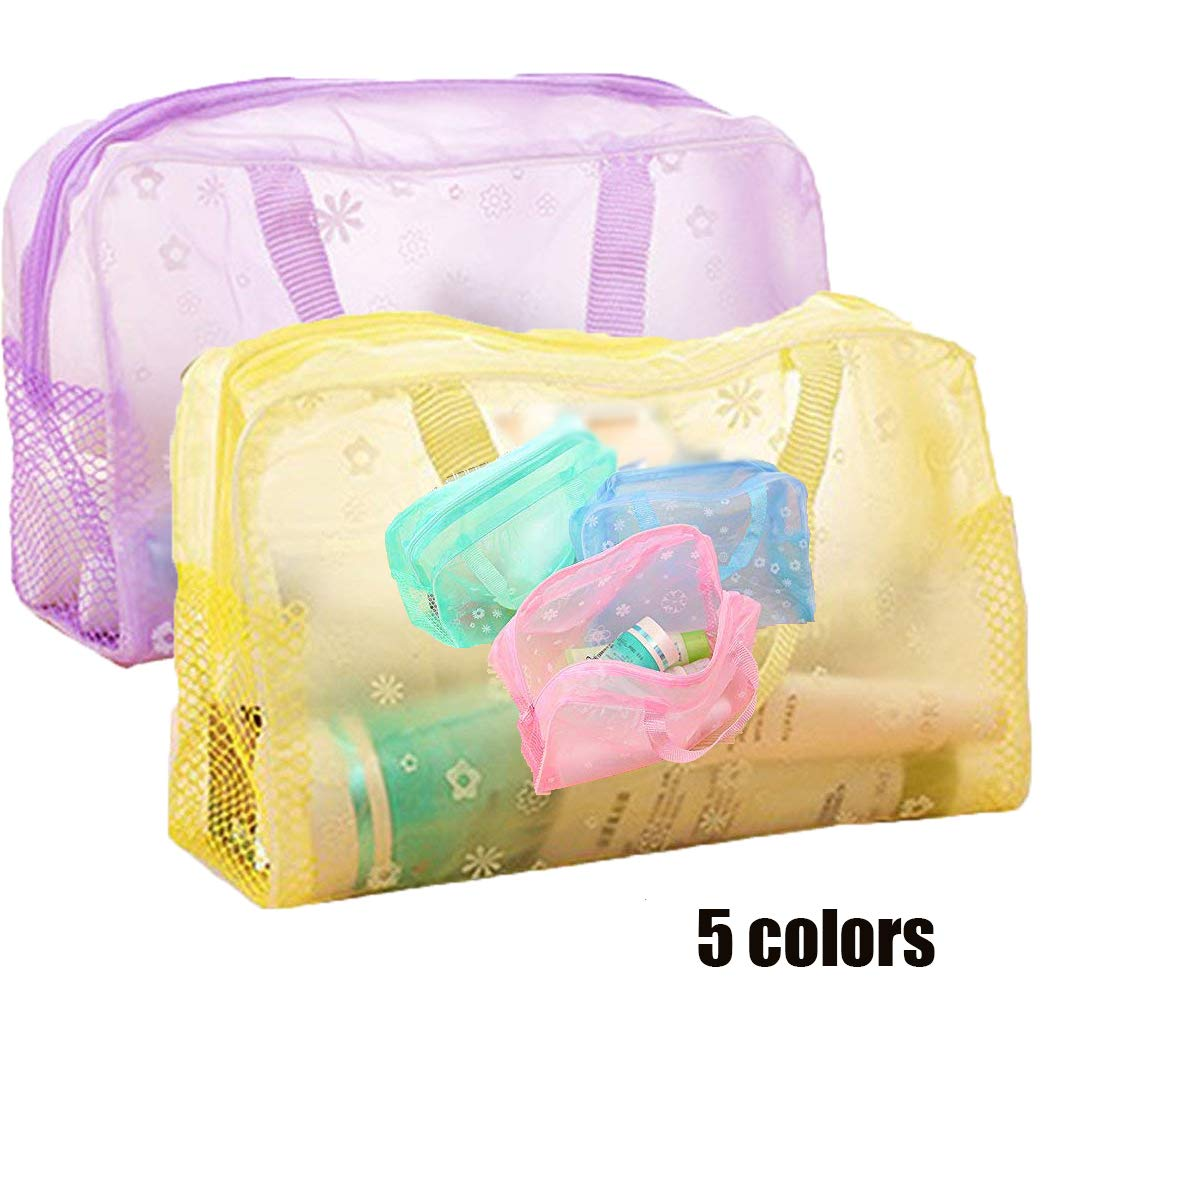 TO A 1PCS Trousse da Viaggio Impermeabile in PVC Trasparente Lavare Bagno Storage Bag Viola Yellow CN